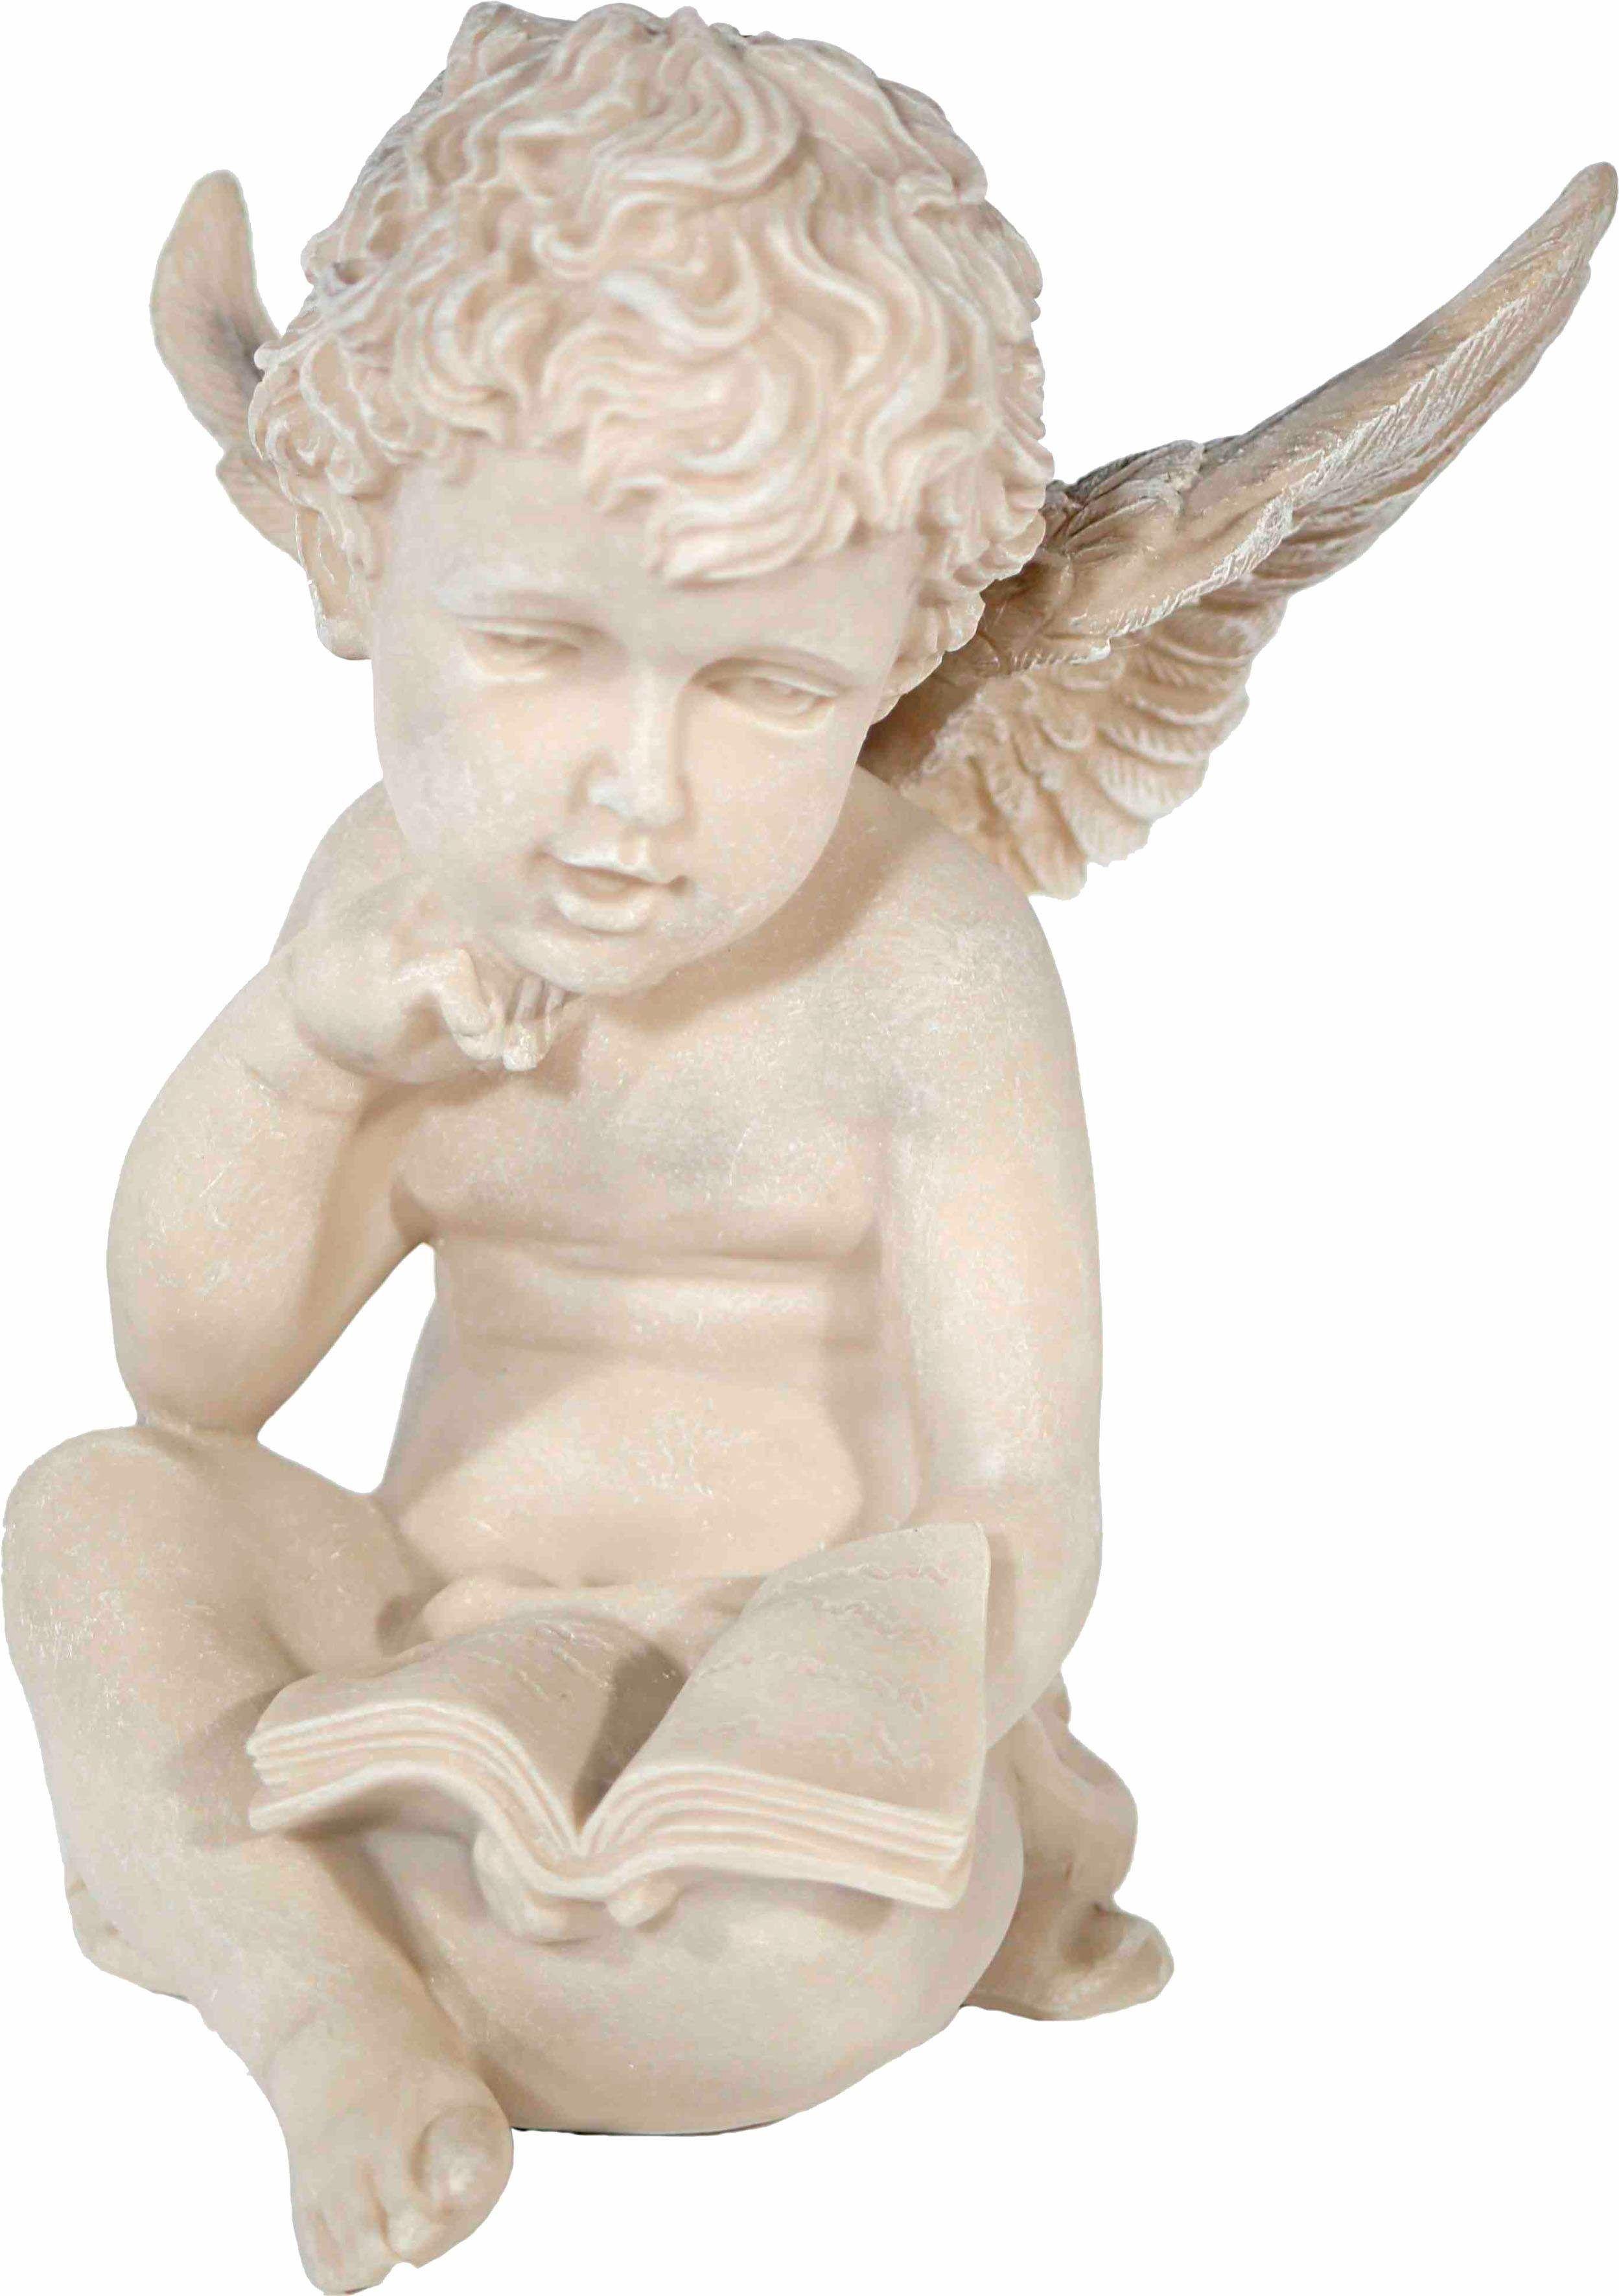 Home affaire Dekofigur »sitzender Engel mit Buch weiß, »sitzender Engel mit Buch, rechte Hand an Kinn, H 19 cm, B 15 cm« Jetzt bestellen unter: https://moebel.ladendirekt.de/dekoration/figuren-und-skulpturen/figuren/?uid=70d847c2-0b12-549b-a058-36b0aee0a8d2&utm_source=pinterest&utm_medium=pin&utm_campaign=boards #figuren #skulpturen #dekoration